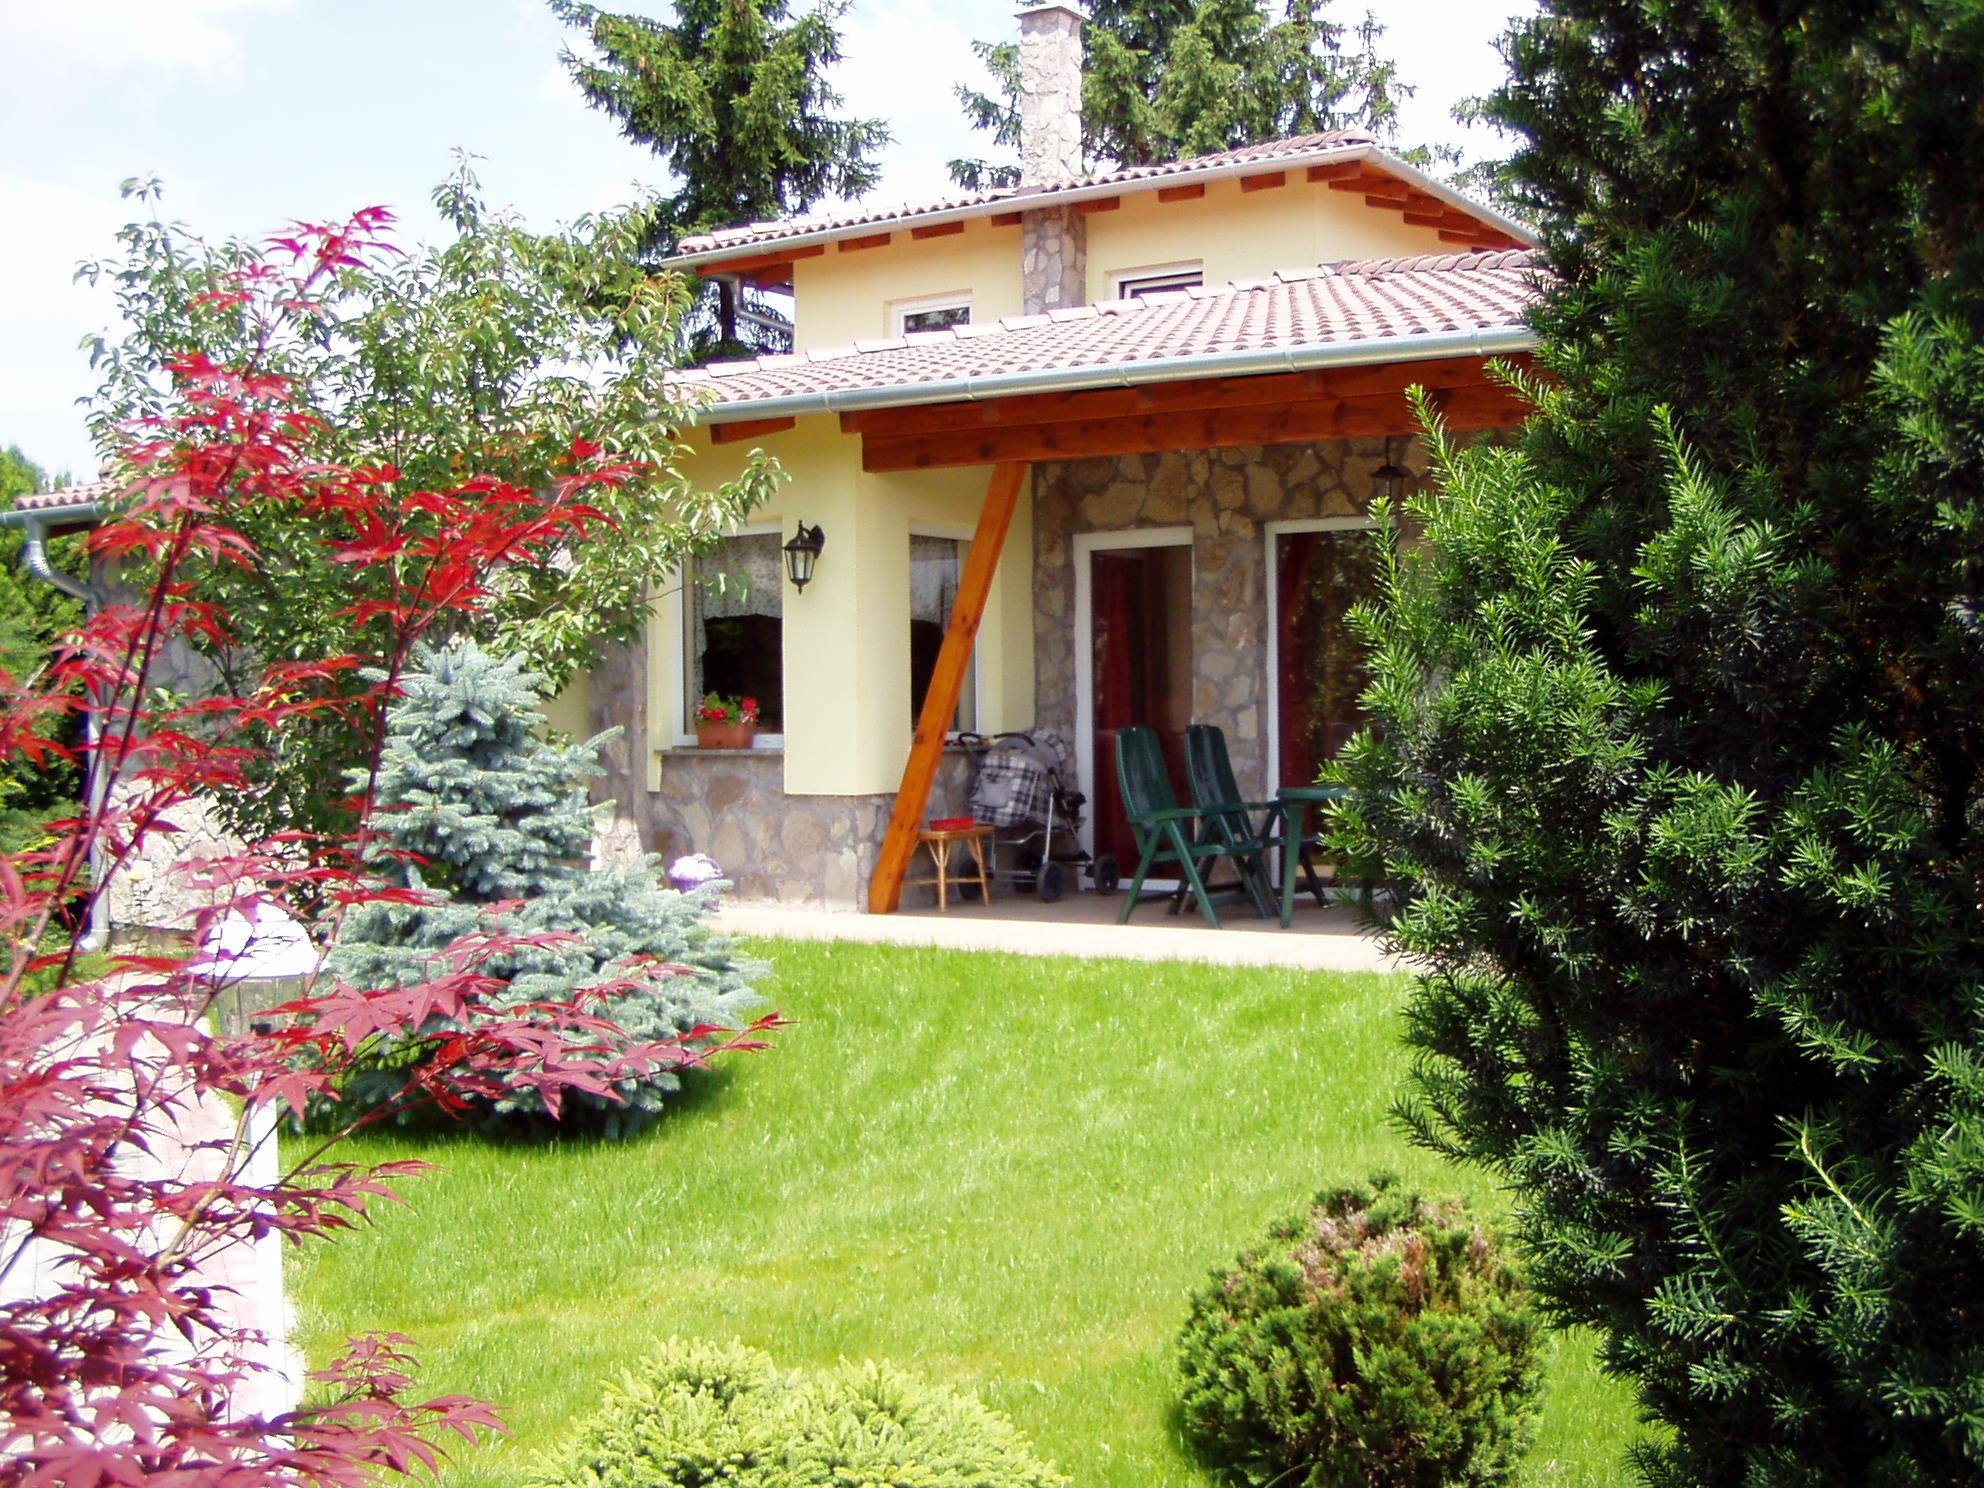 Batsányi J. 35/A, Építés éve: 2002, Alapterület: 130 m2